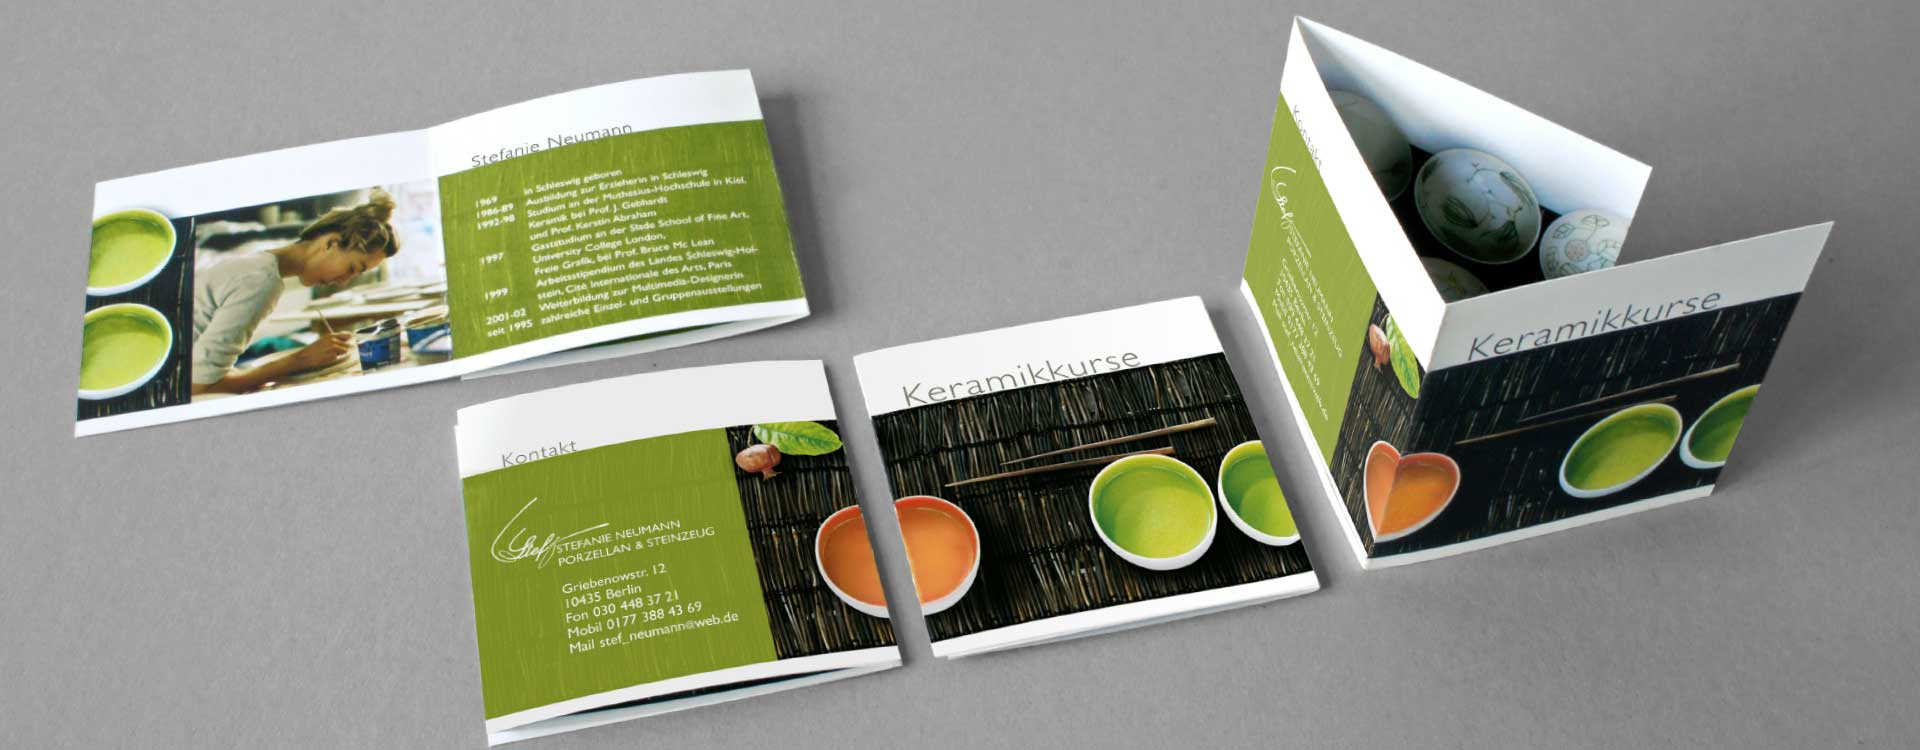 Leaflet for Stefanie Neumann; Design: Kattrin Richter | Graphic Design Studio